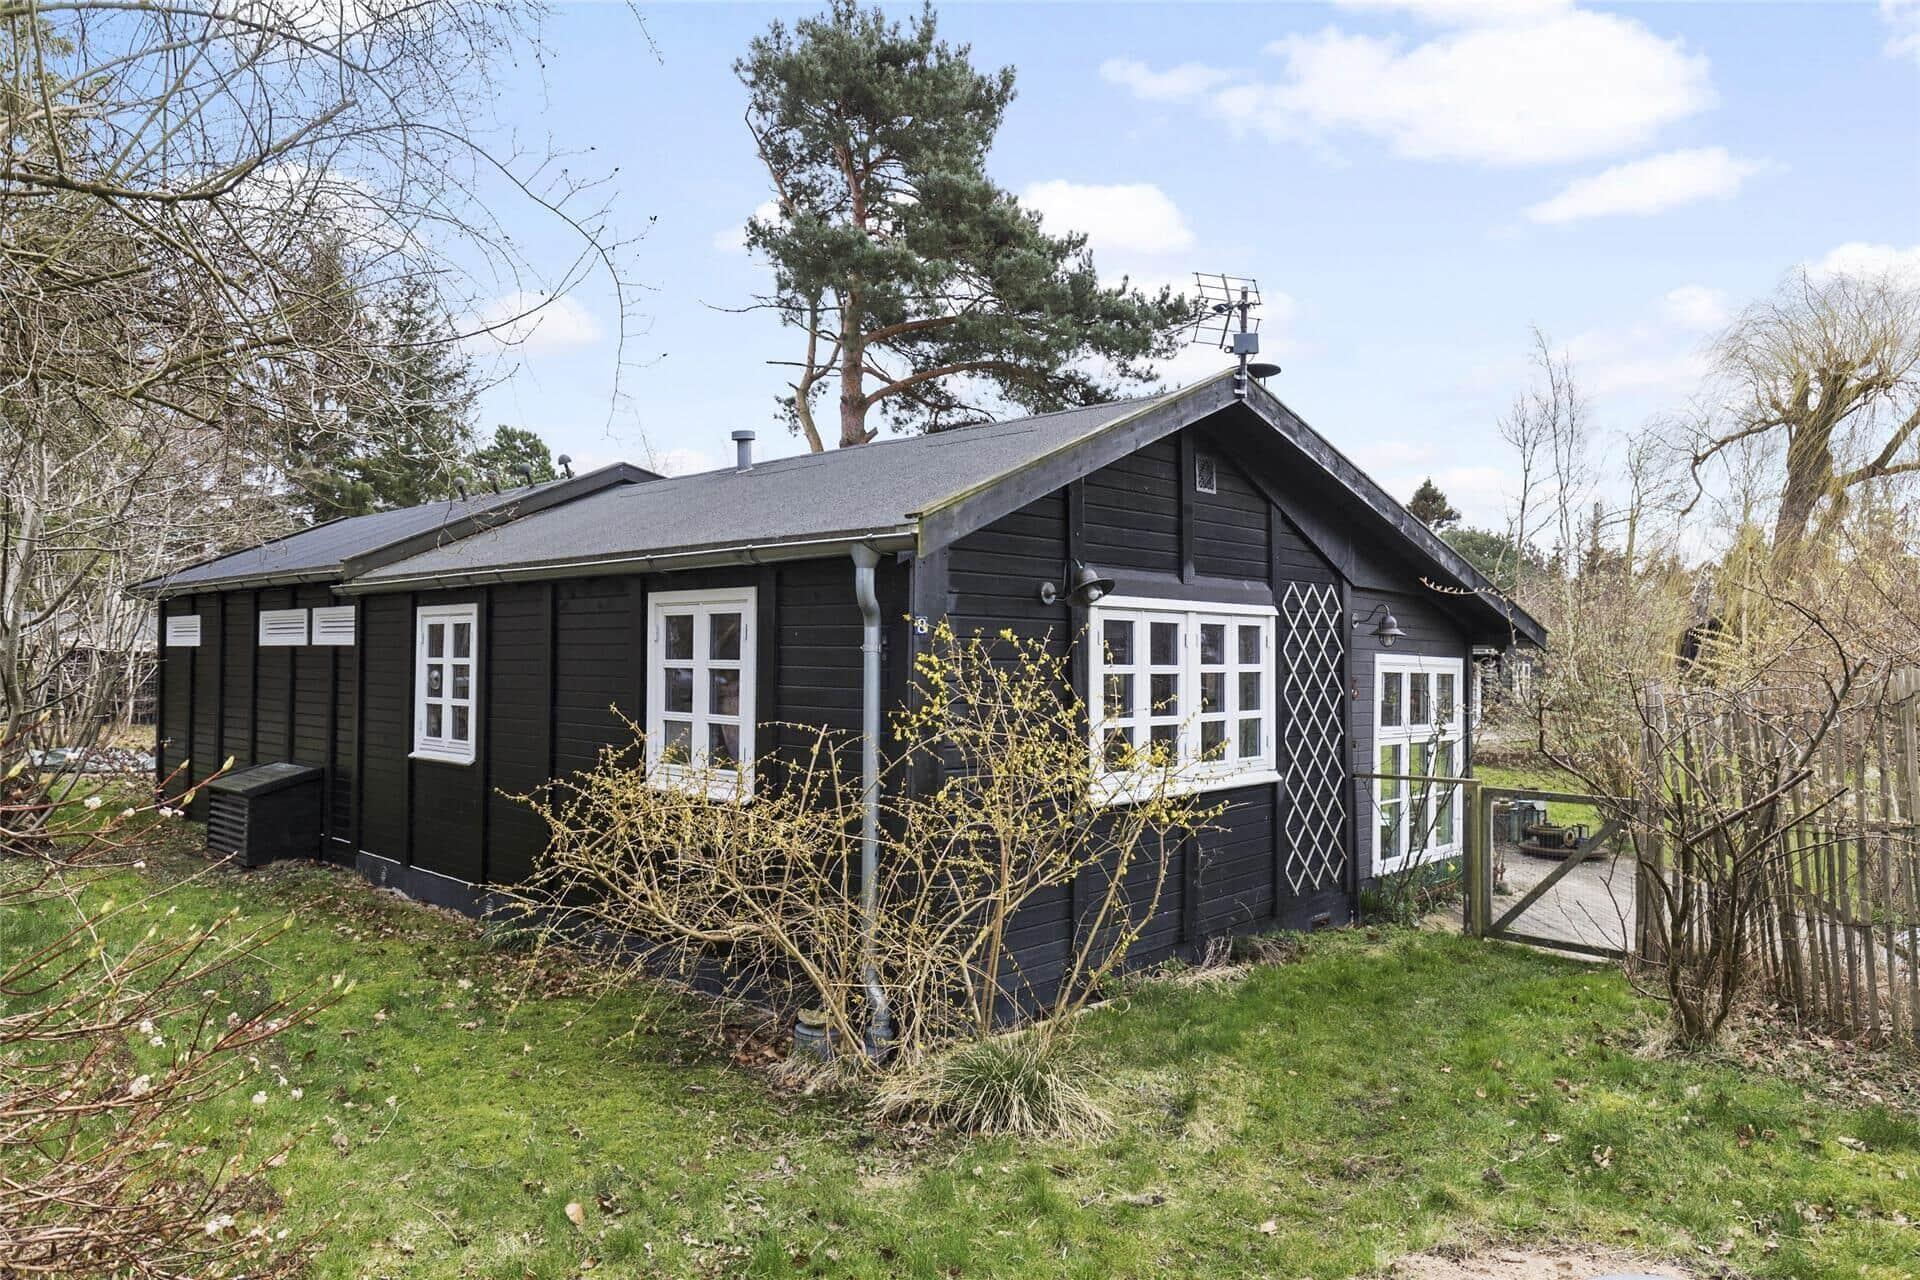 Image 1-17 Holiday-home 11163, Skærbyholmsvej 8, DK - 4500 Nykøbing Sj